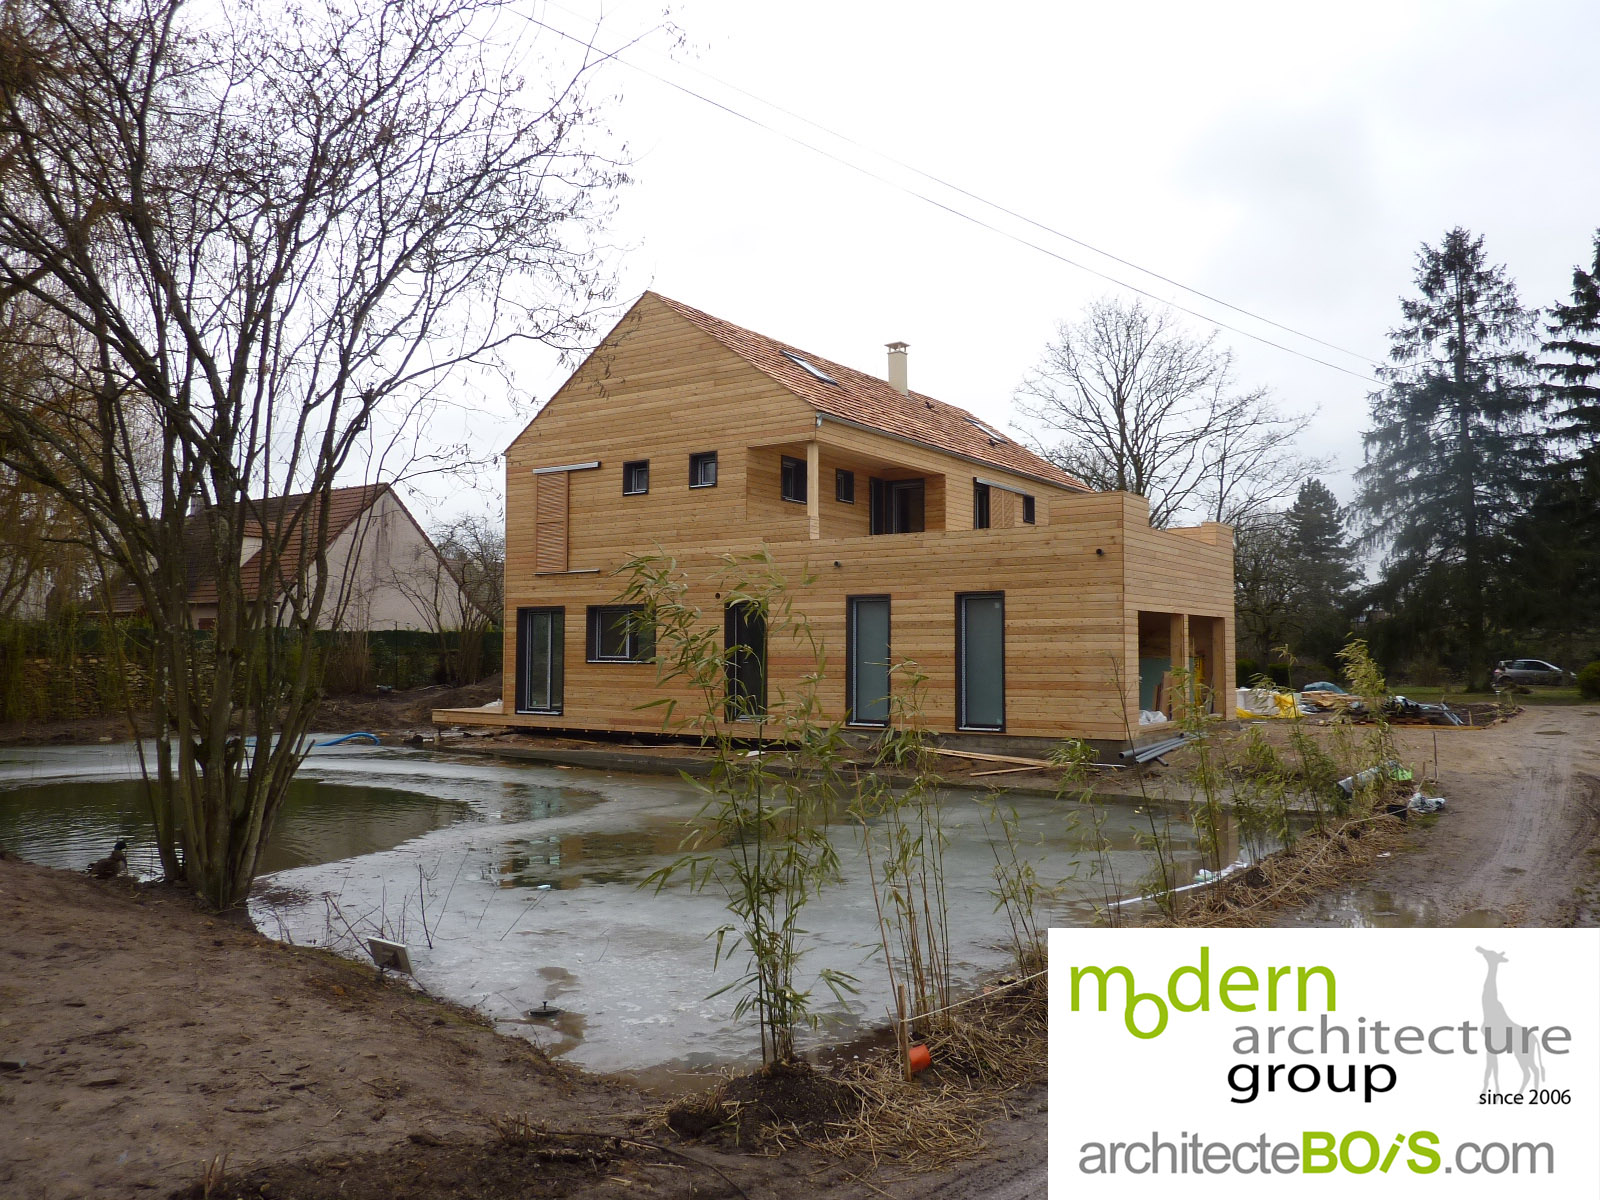 La maison bois architecte maison bois versailles - Architecte maison bois ...